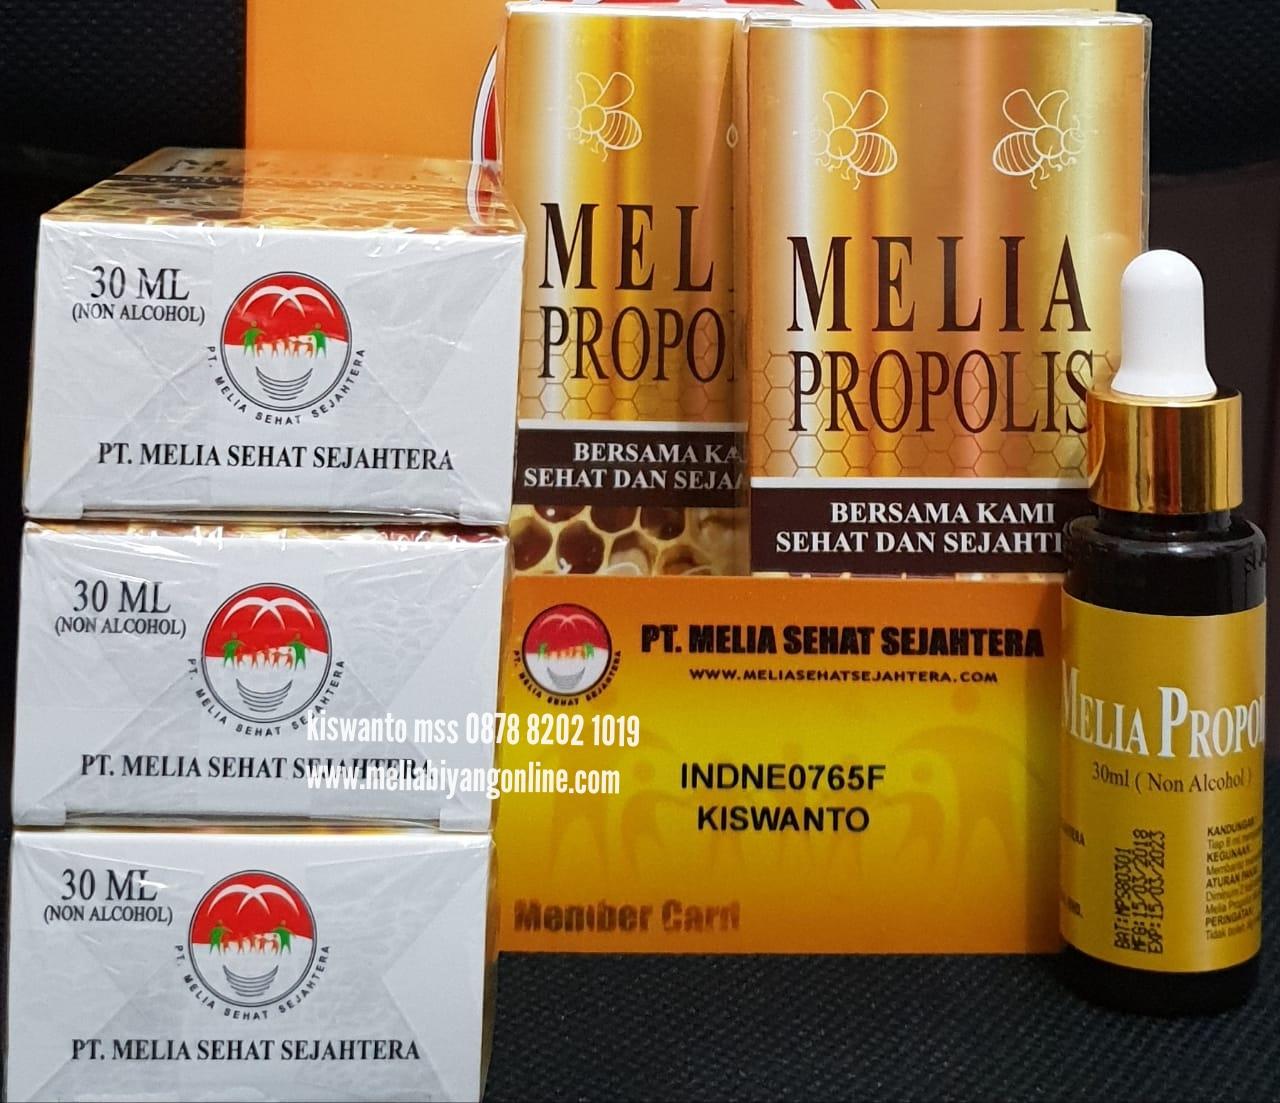 melia propolis melia biyang 100% asli